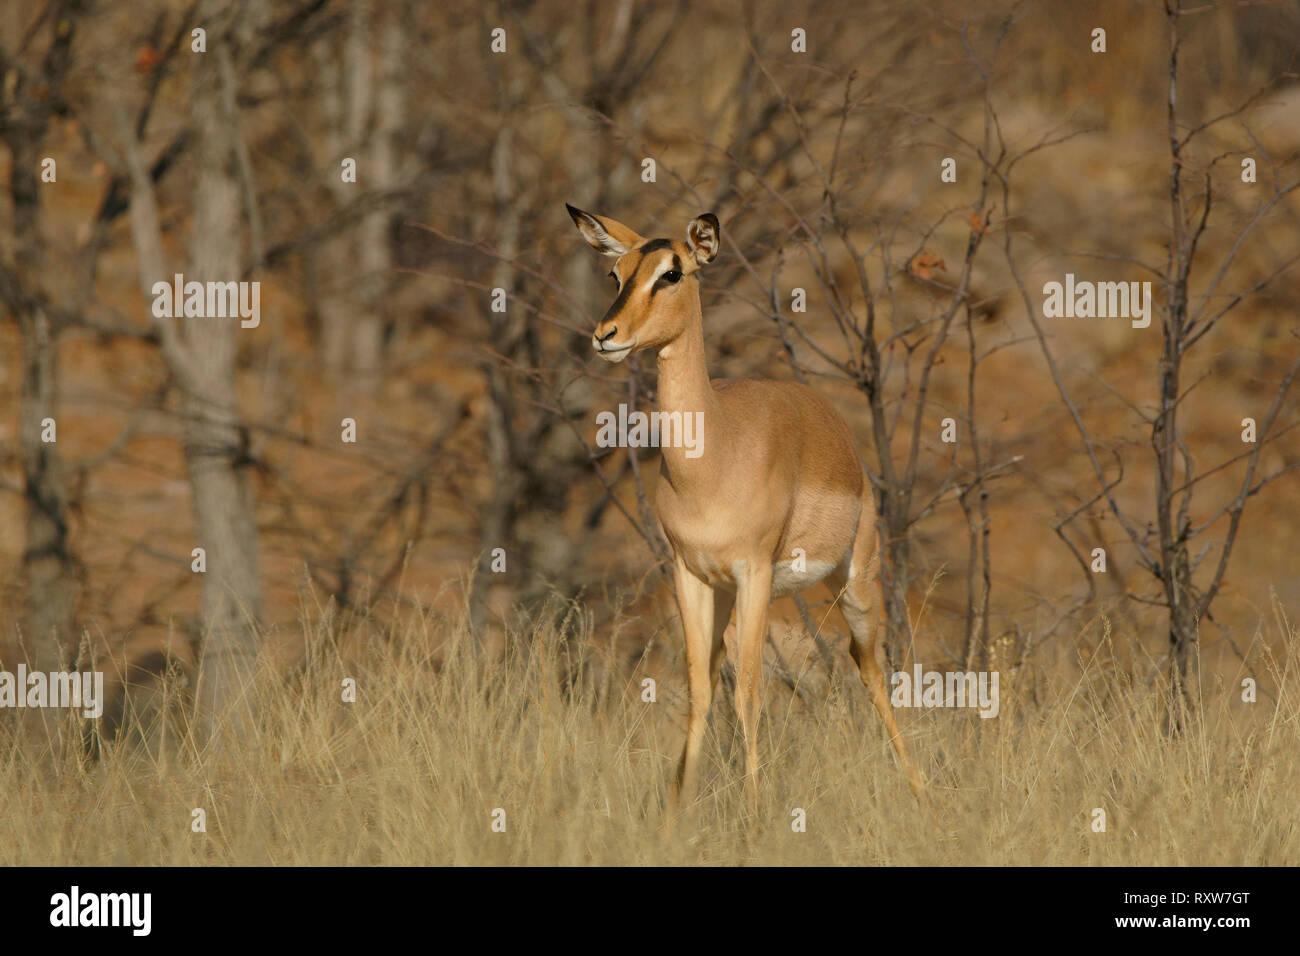 Black-faced Impala ewe (Aepyceros melampus) is a medium sized antelope found in southern Africa, Hobatera Lodge,Otjovasandu,Namibia, Africa - Stock Image